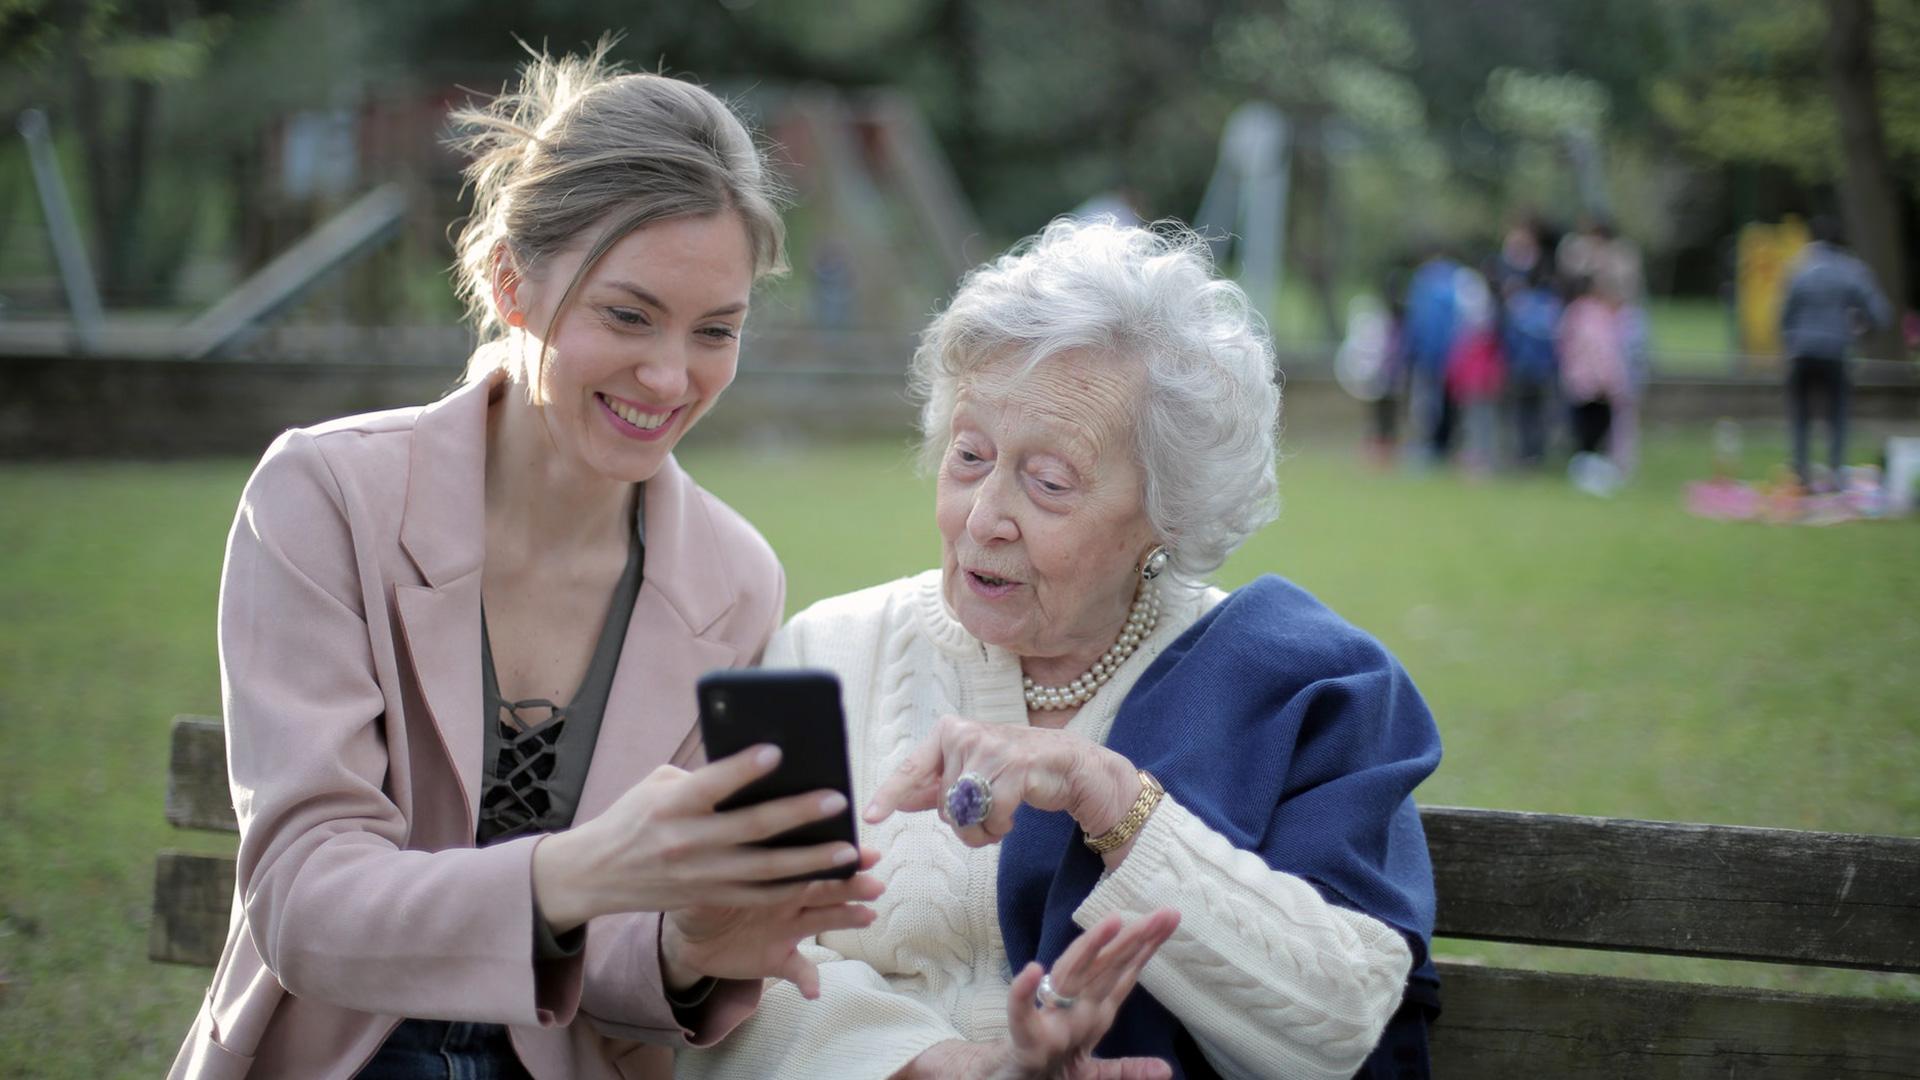 Seniori baidās no pārmaiņām, ko ievieš pandēmija